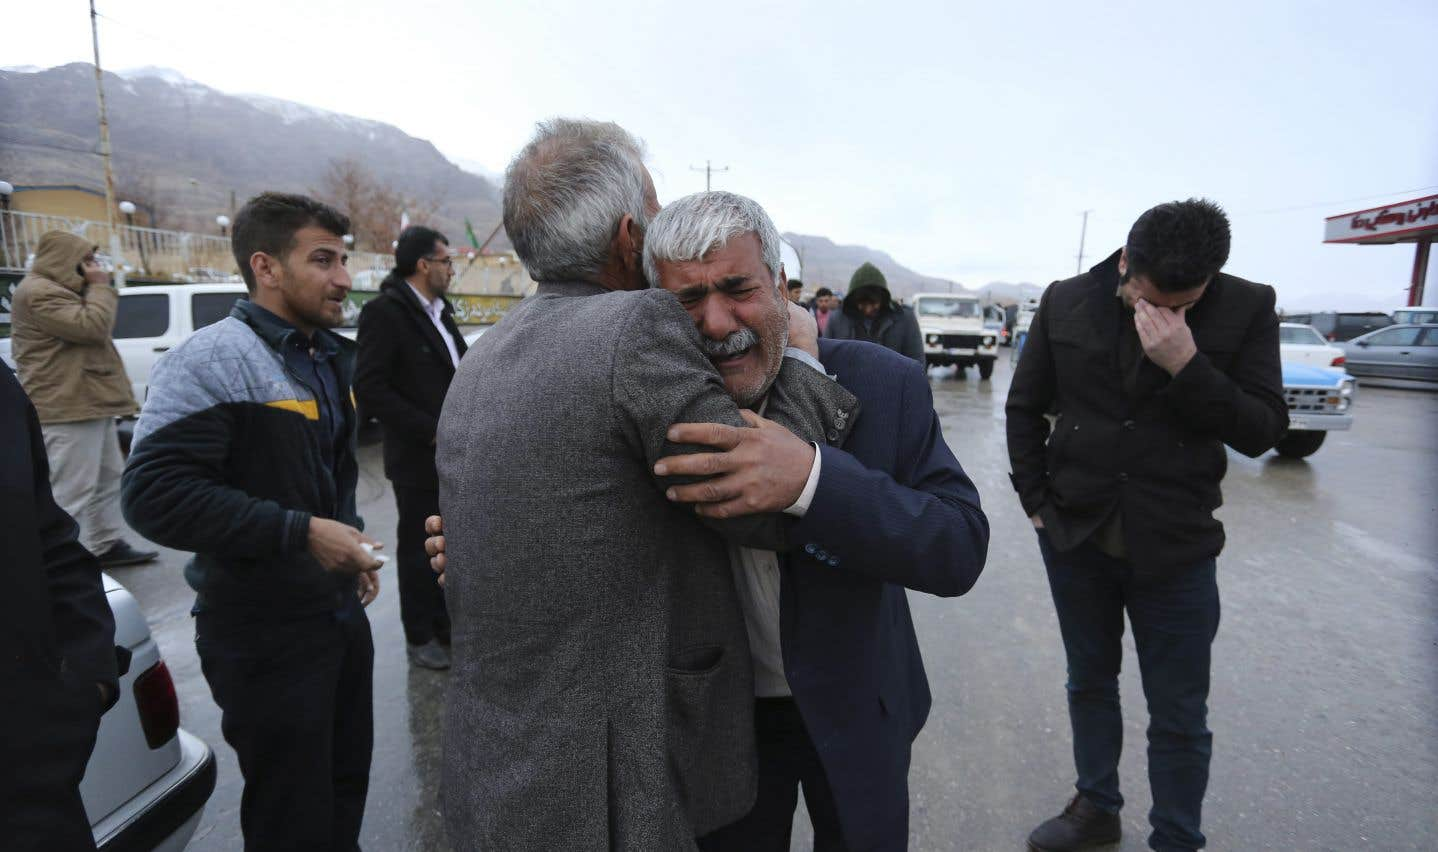 Des membres de la famille d'un passager pleurent dans le village de Bideh, dans la région où l'avion s'est écrasé, dimanche.